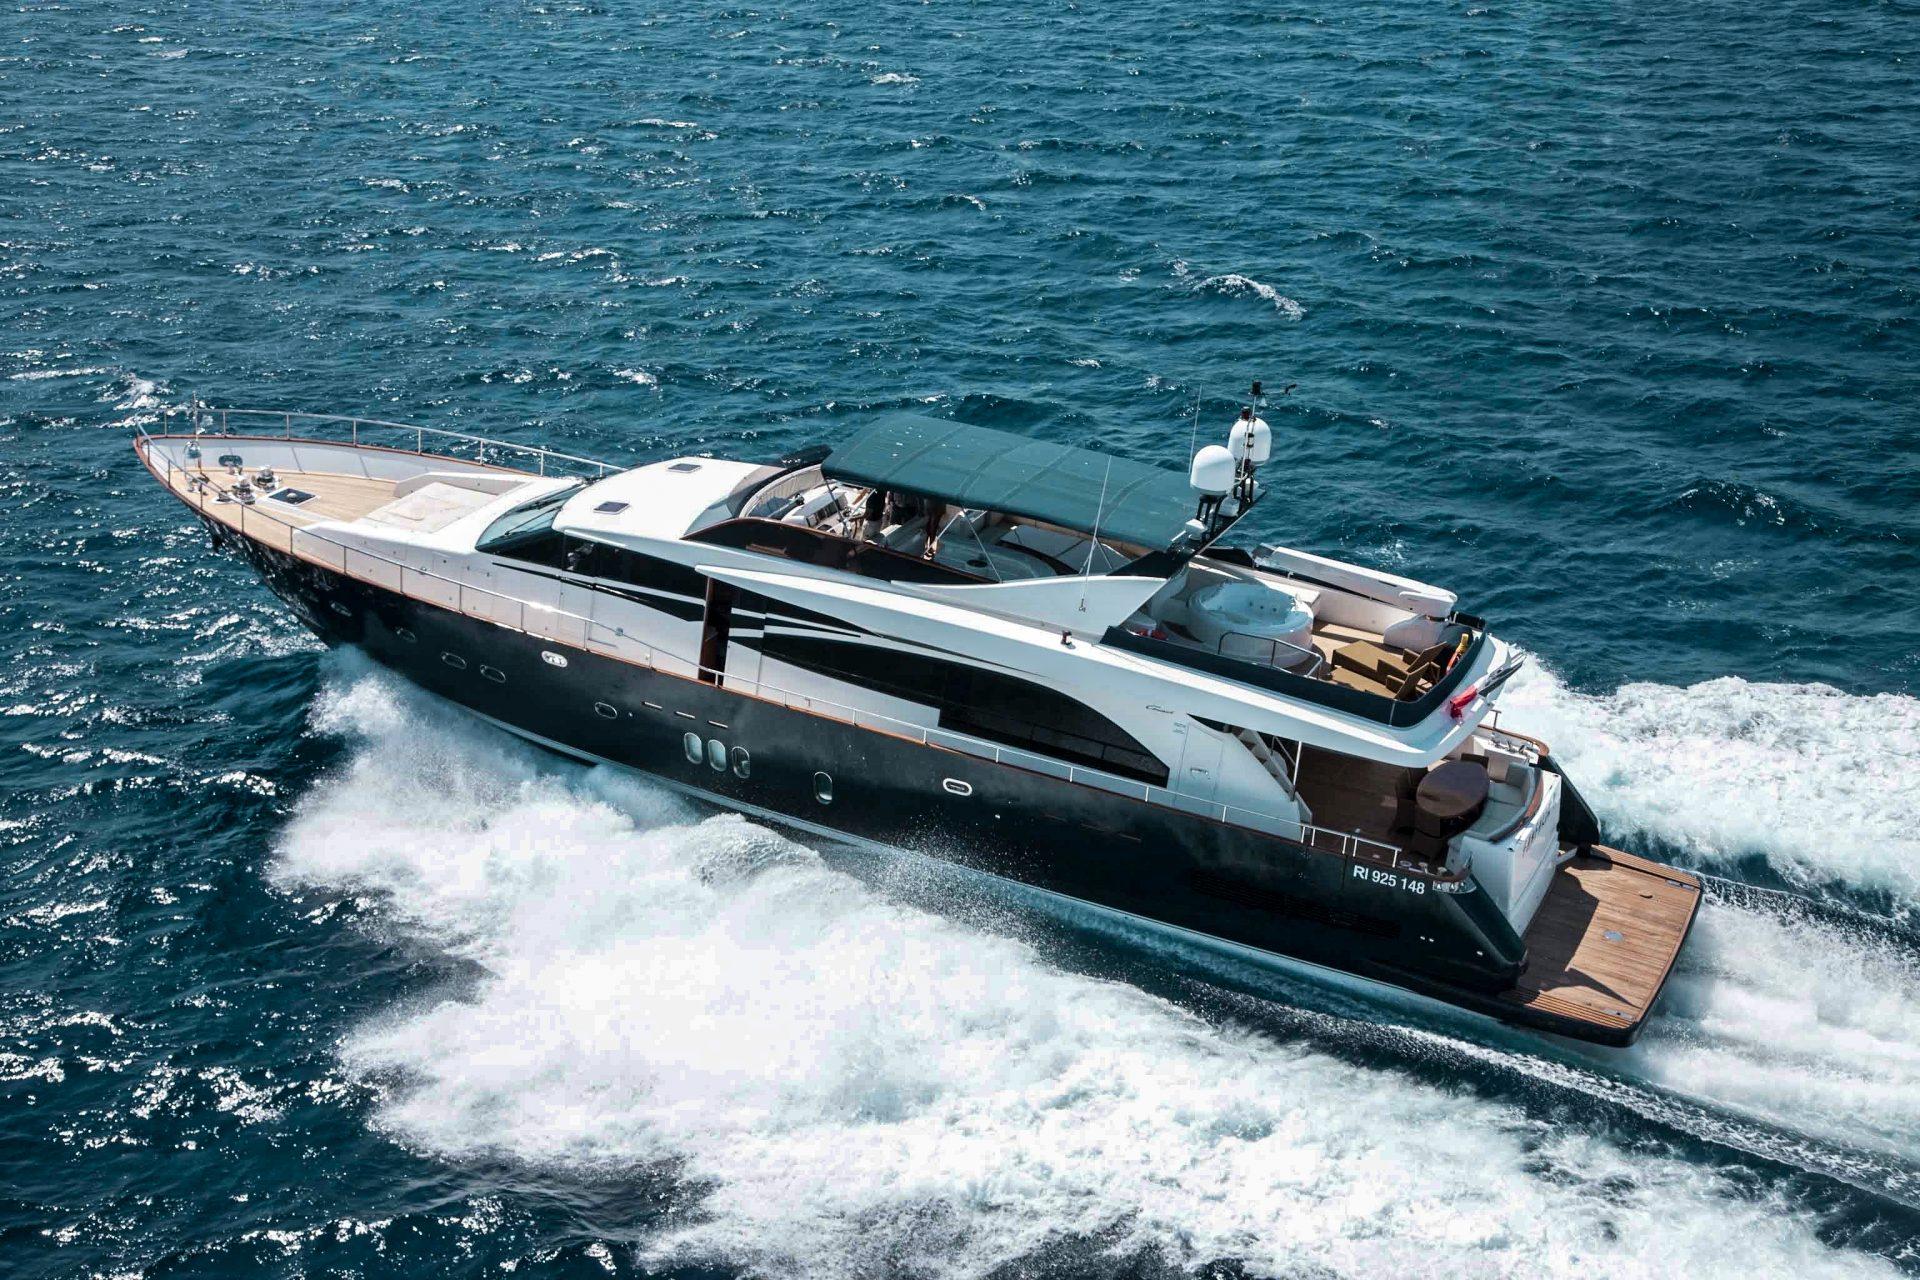 Yacht Lady Amanda